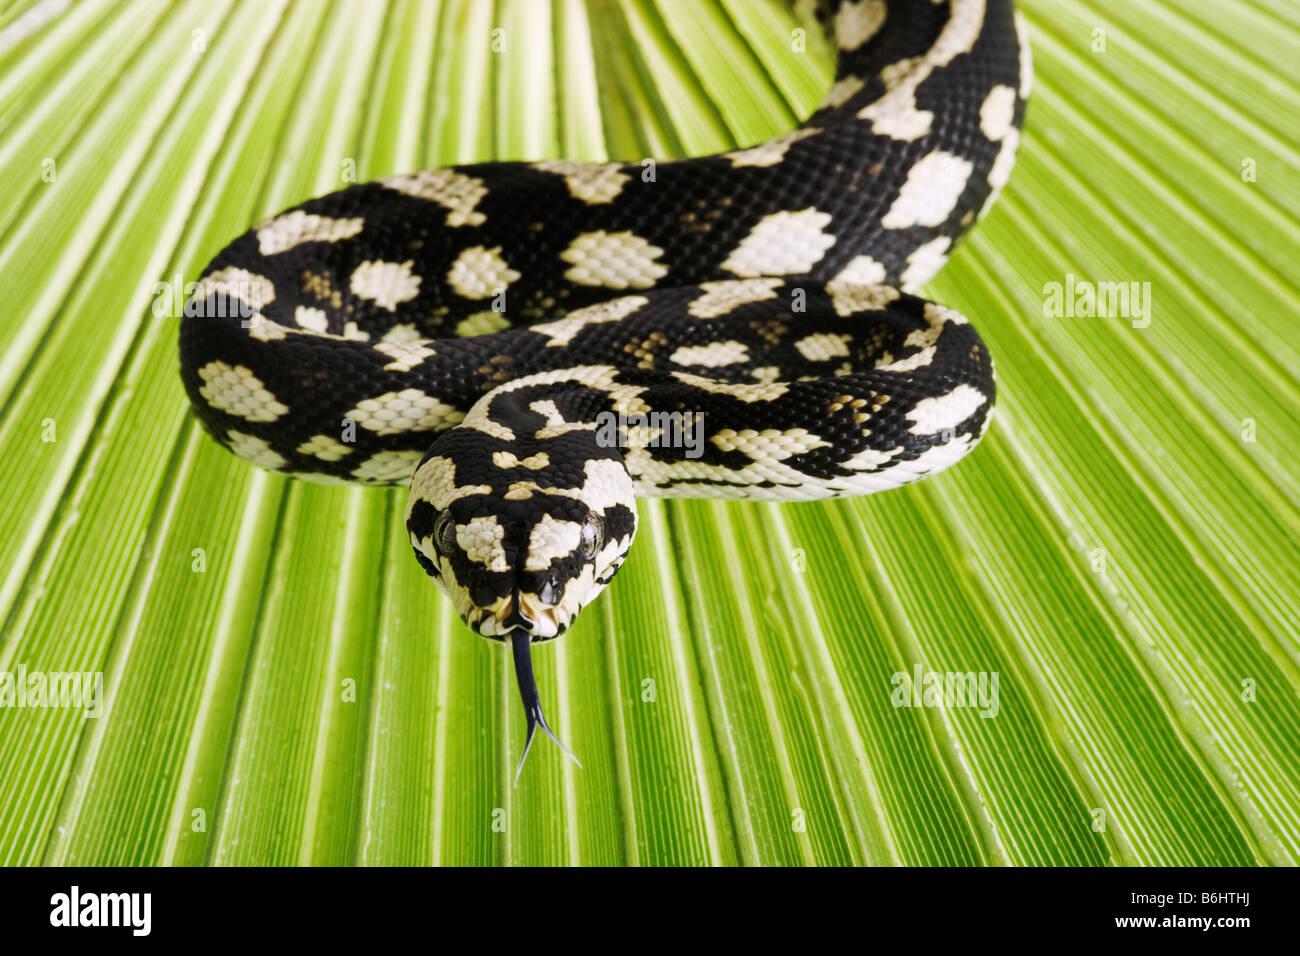 Jungle Carpet Pythons Morelia spilota cheynei python venimeux Non espèces présentes dans les zones humides de l'Australie Banque D'Images